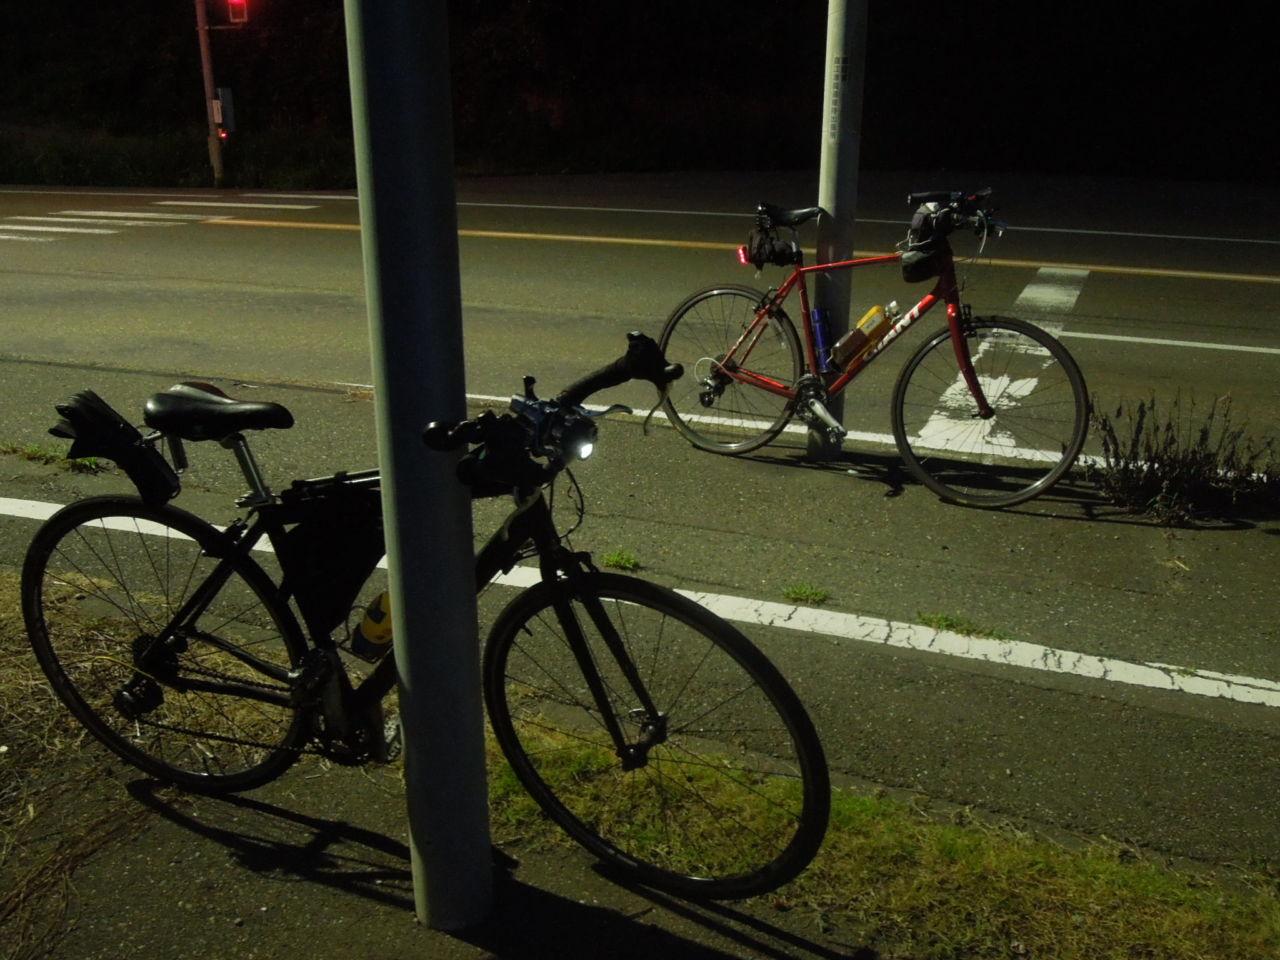 すぐわかる、使用条件解説つき自転車のタイヤ幅